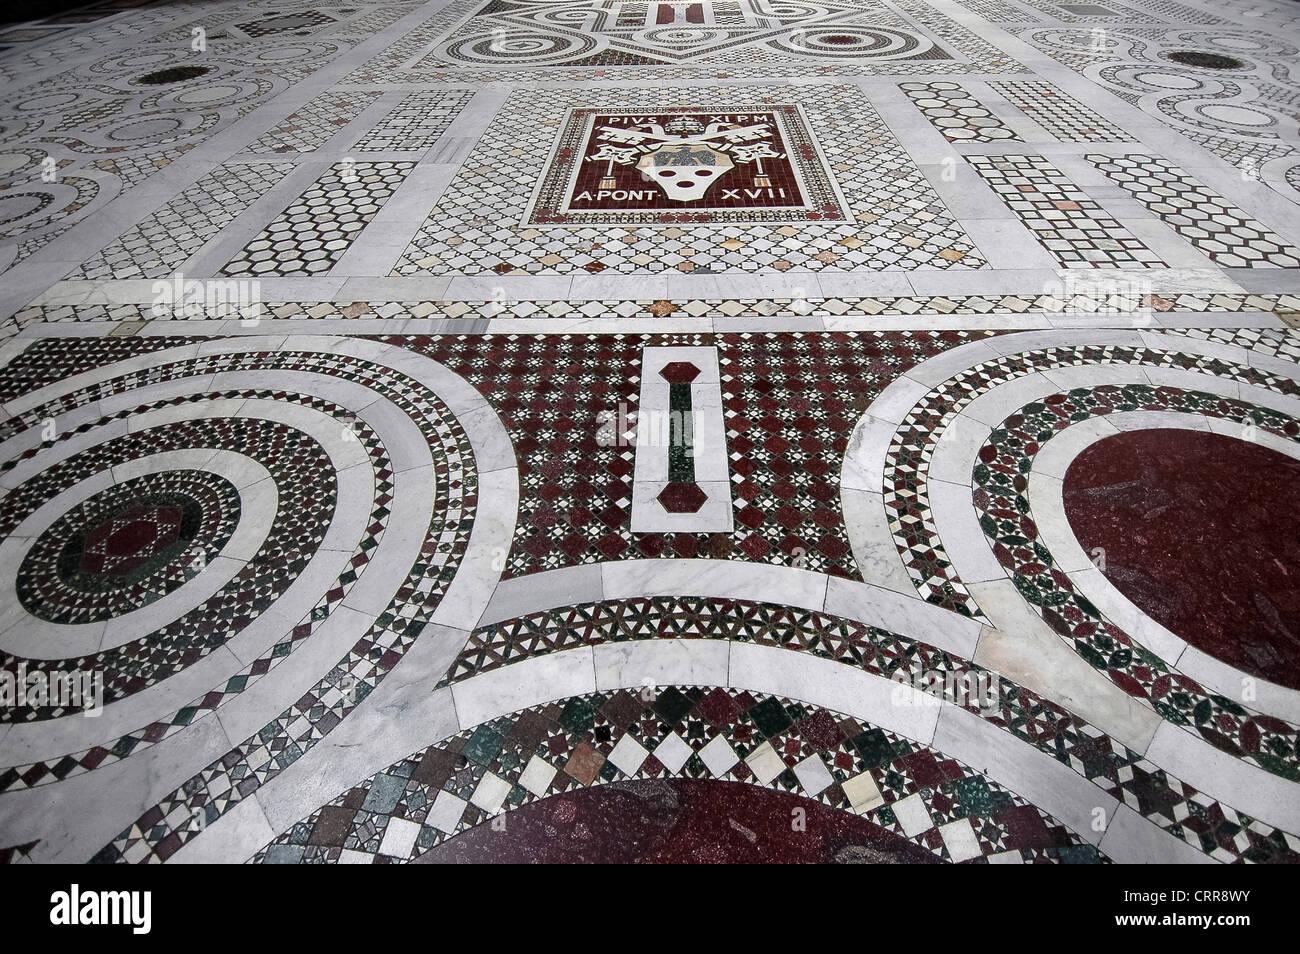 Europa Italia Lacio Lacio Roma Basílica de San Juan de Letrán o San Giovanni in Laterano el suelo de mármol Imagen De Stock